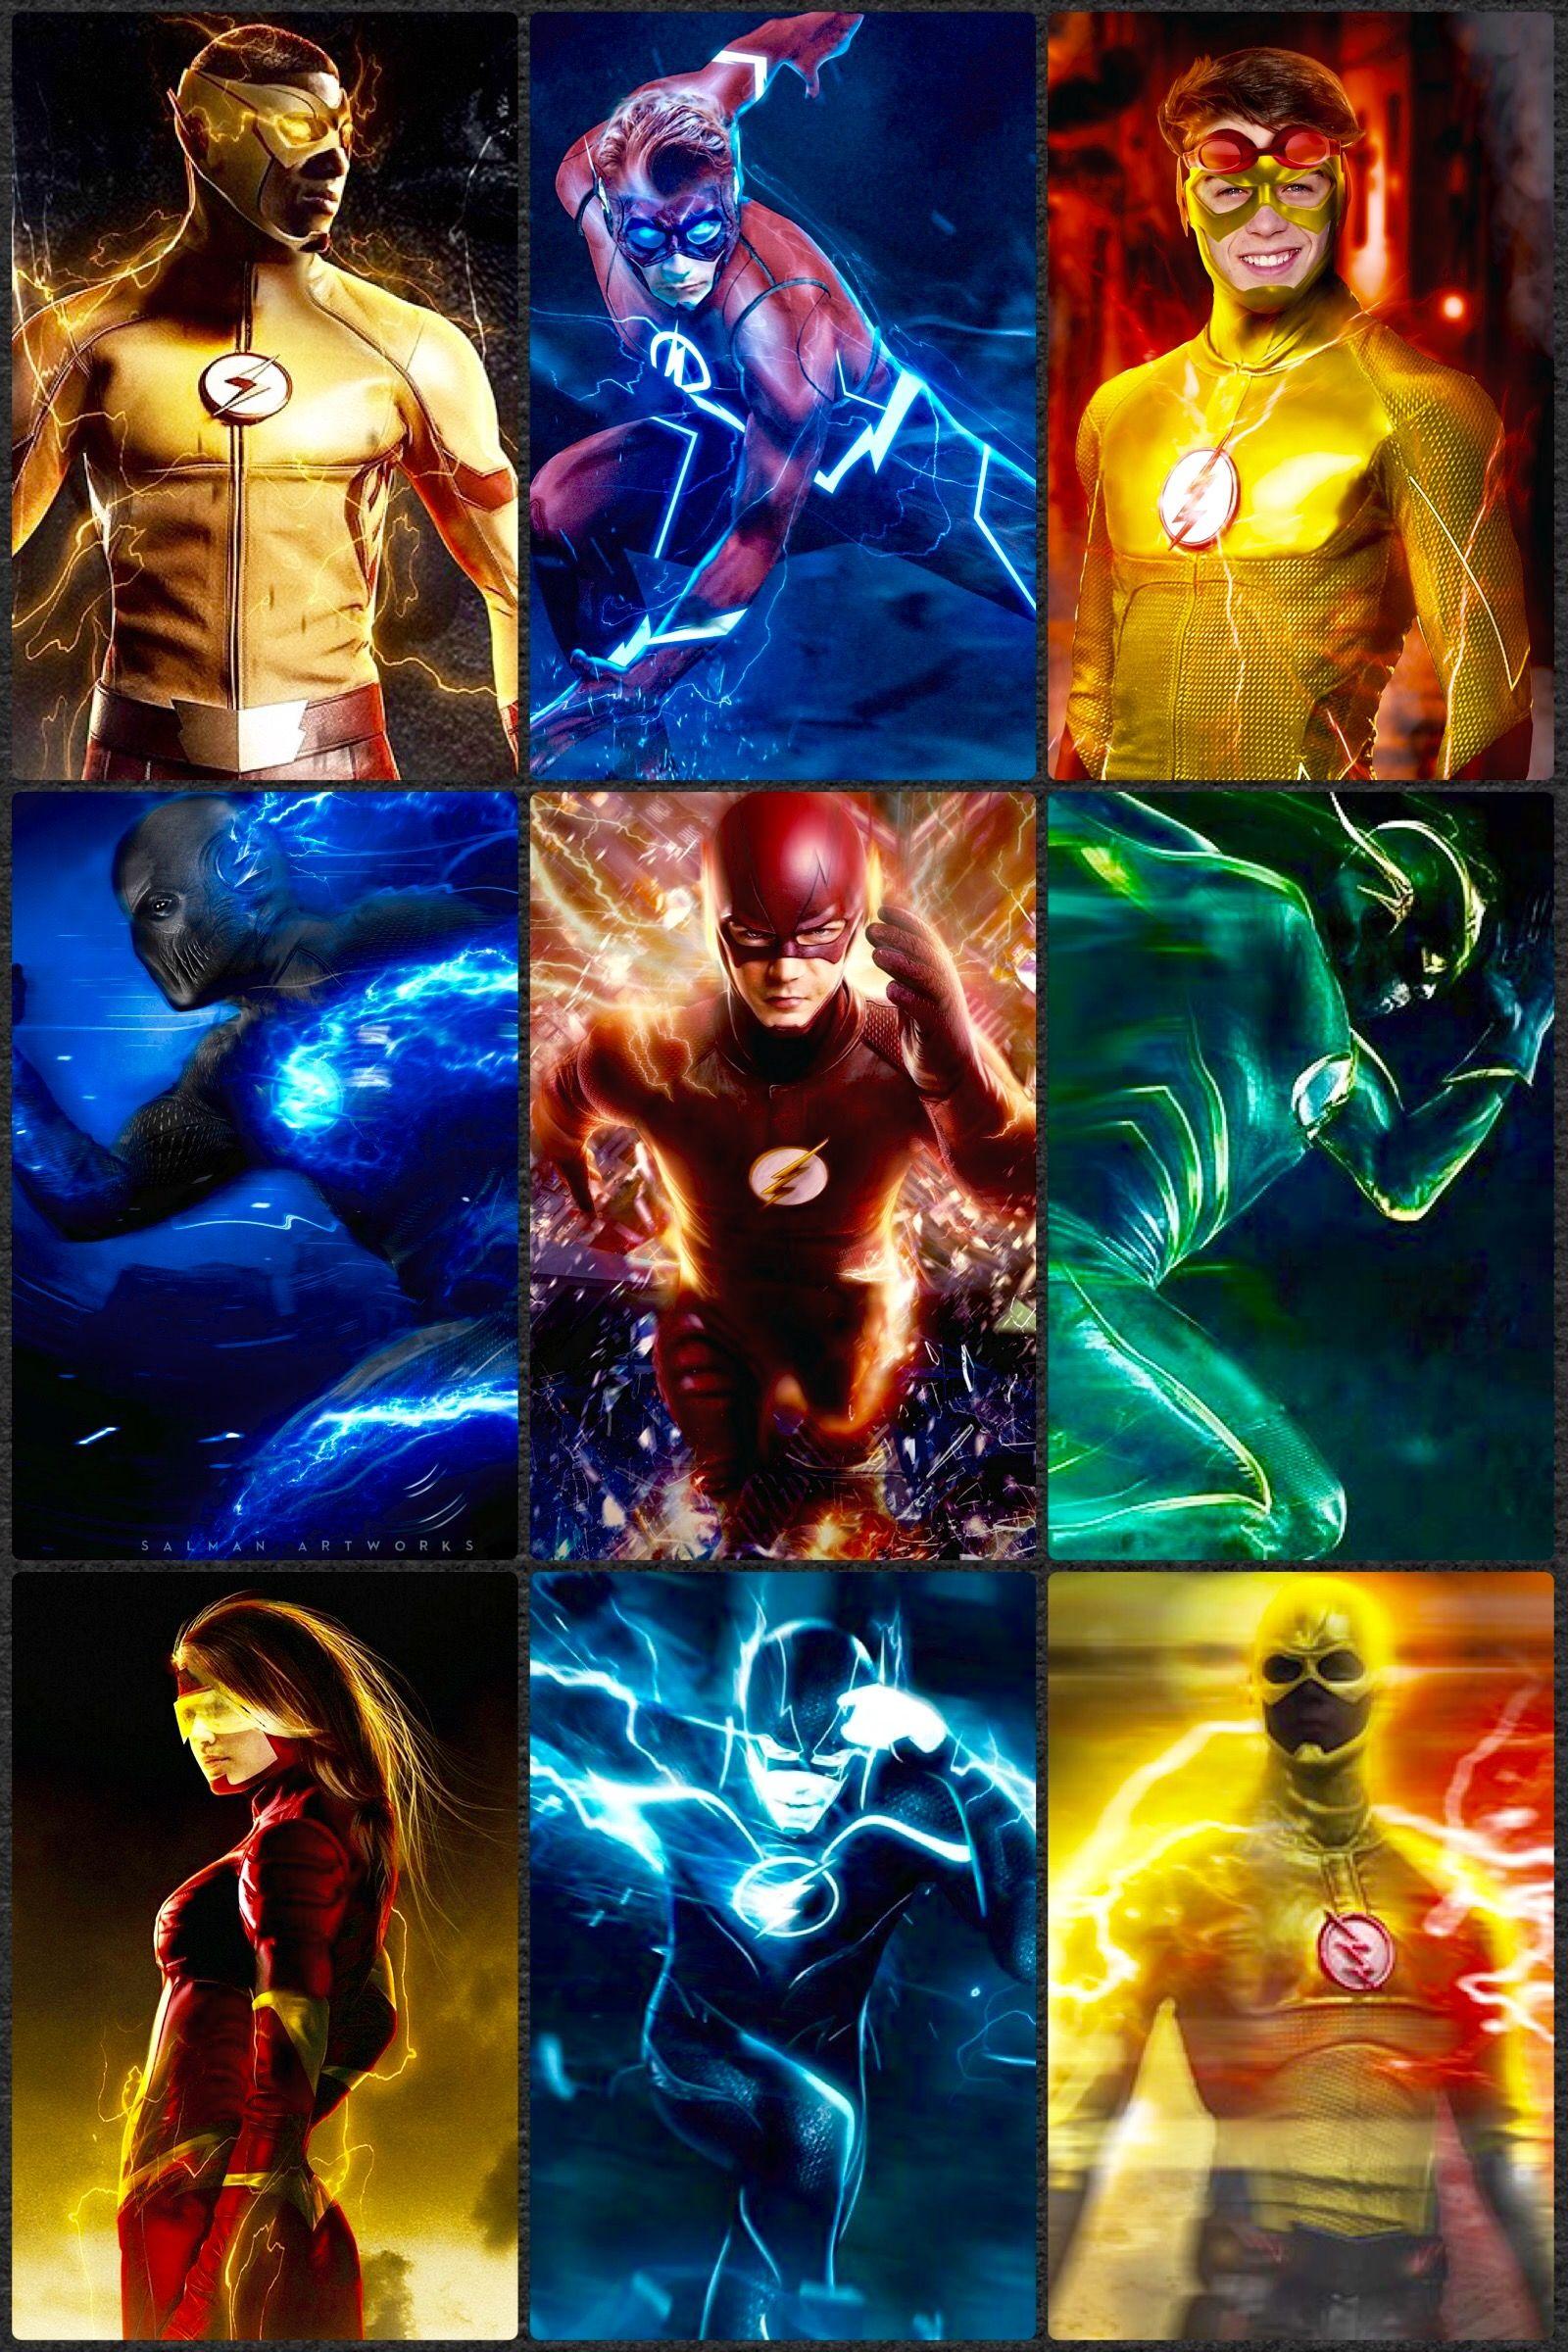 Dc speedsters j fuller 39 s dc heroes and villains pinterest - Flash le super heros ...